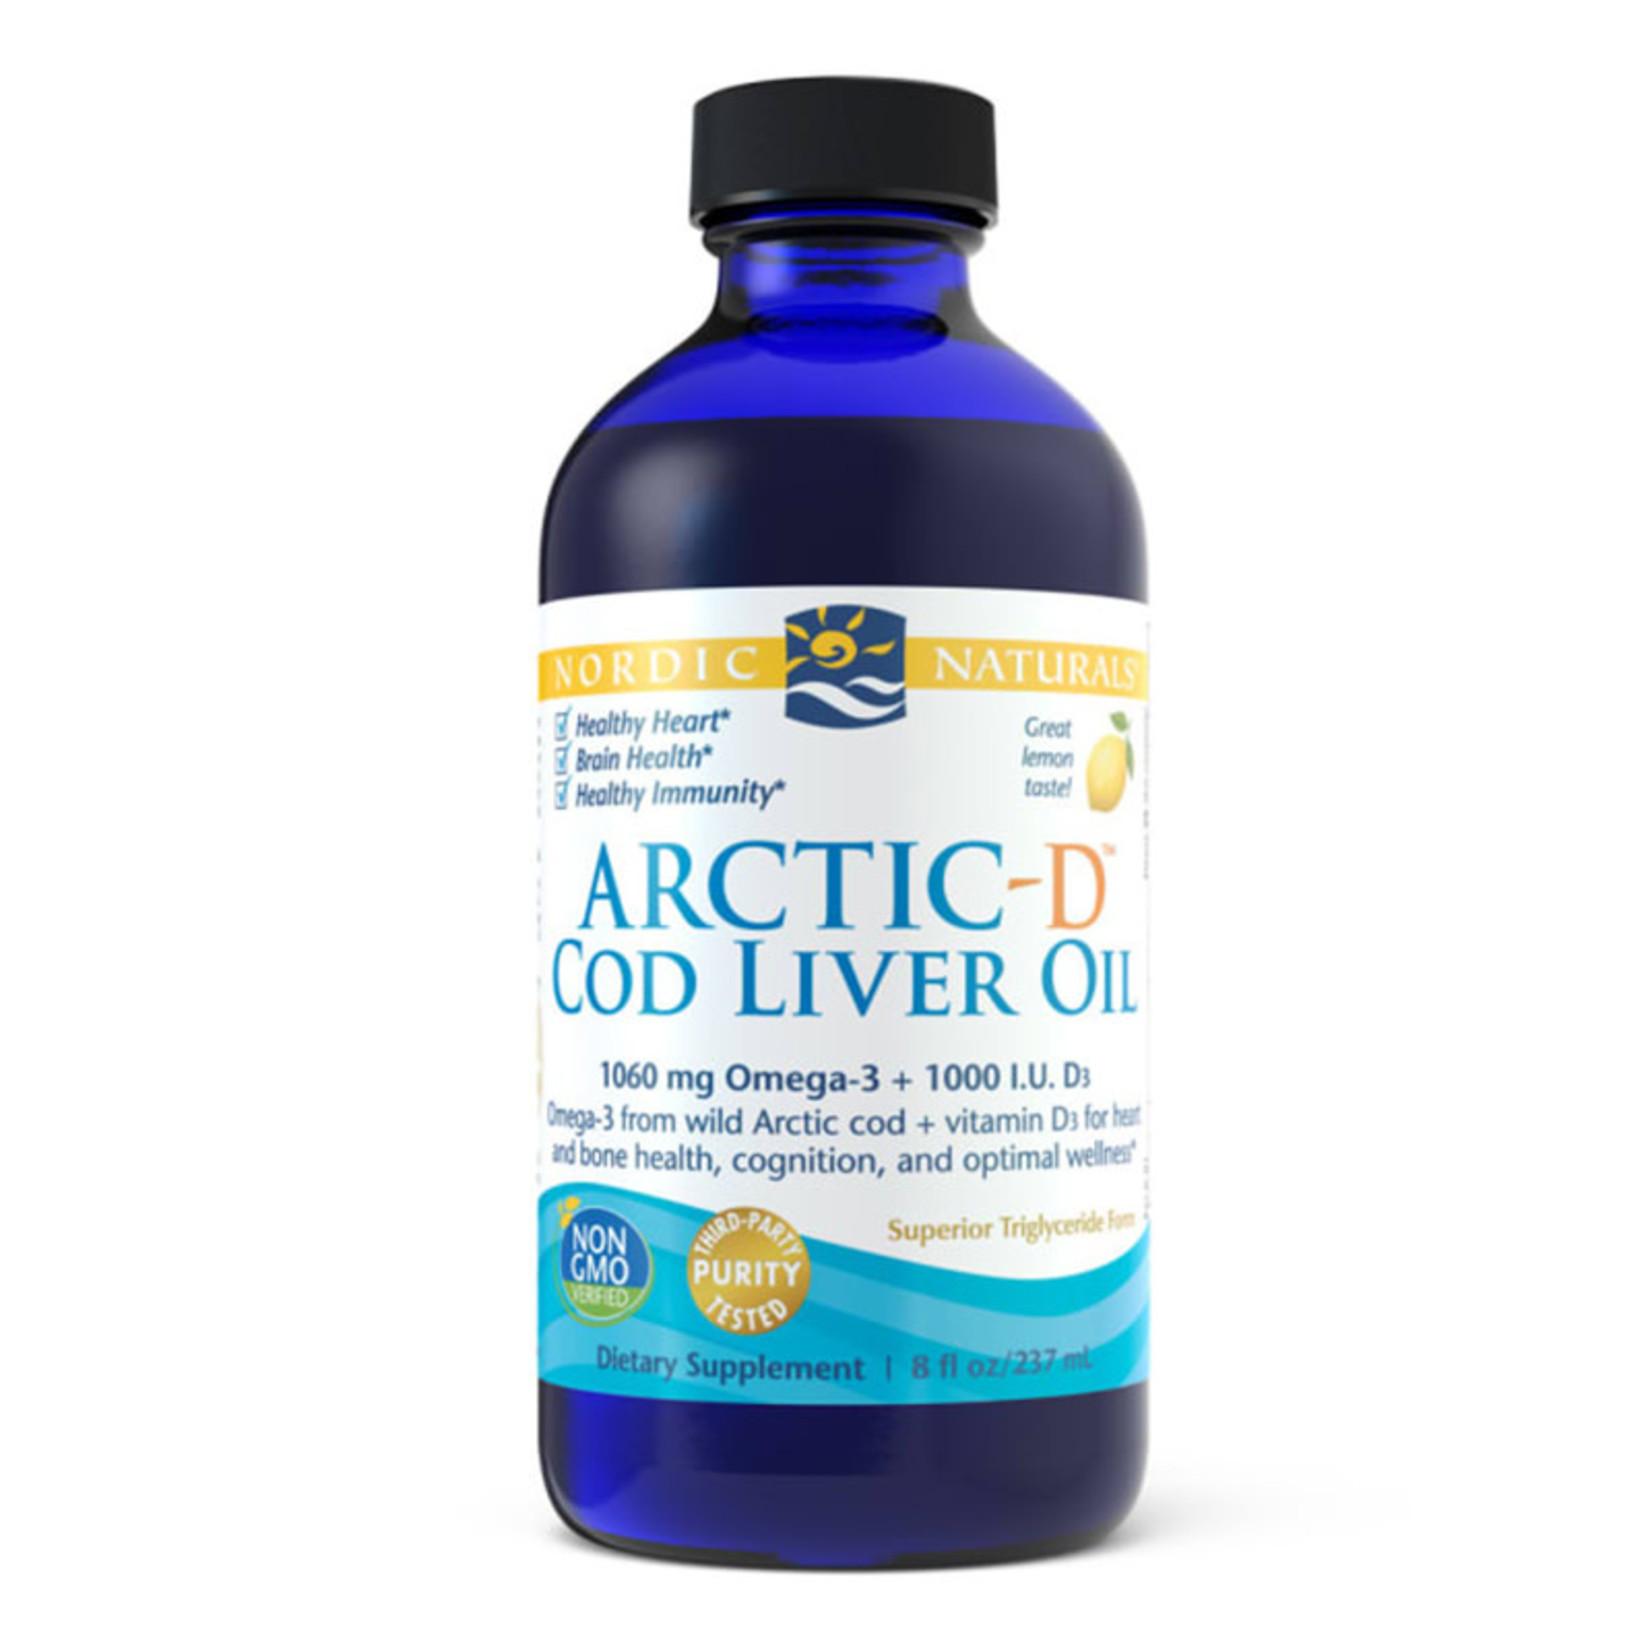 Arctic-D Cod Liver Oil - 8 oz.